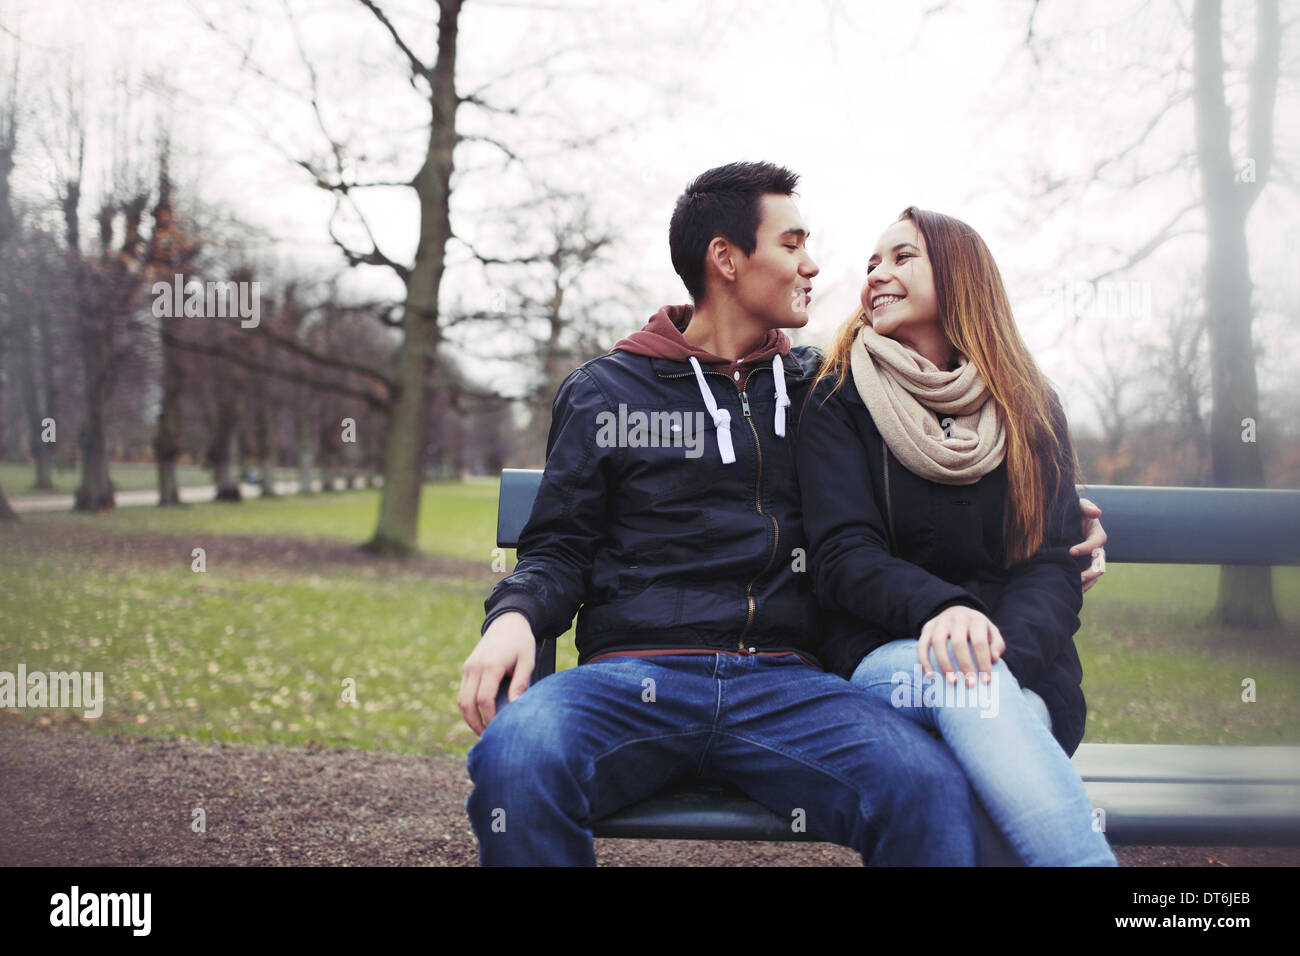 Feliz pareja joven sentado en un banco al aire libre durante la temporada de invierno. La pareja de adolescentes asiáticas en ropa de abrigo sentado en un banco del parque. Foto de stock